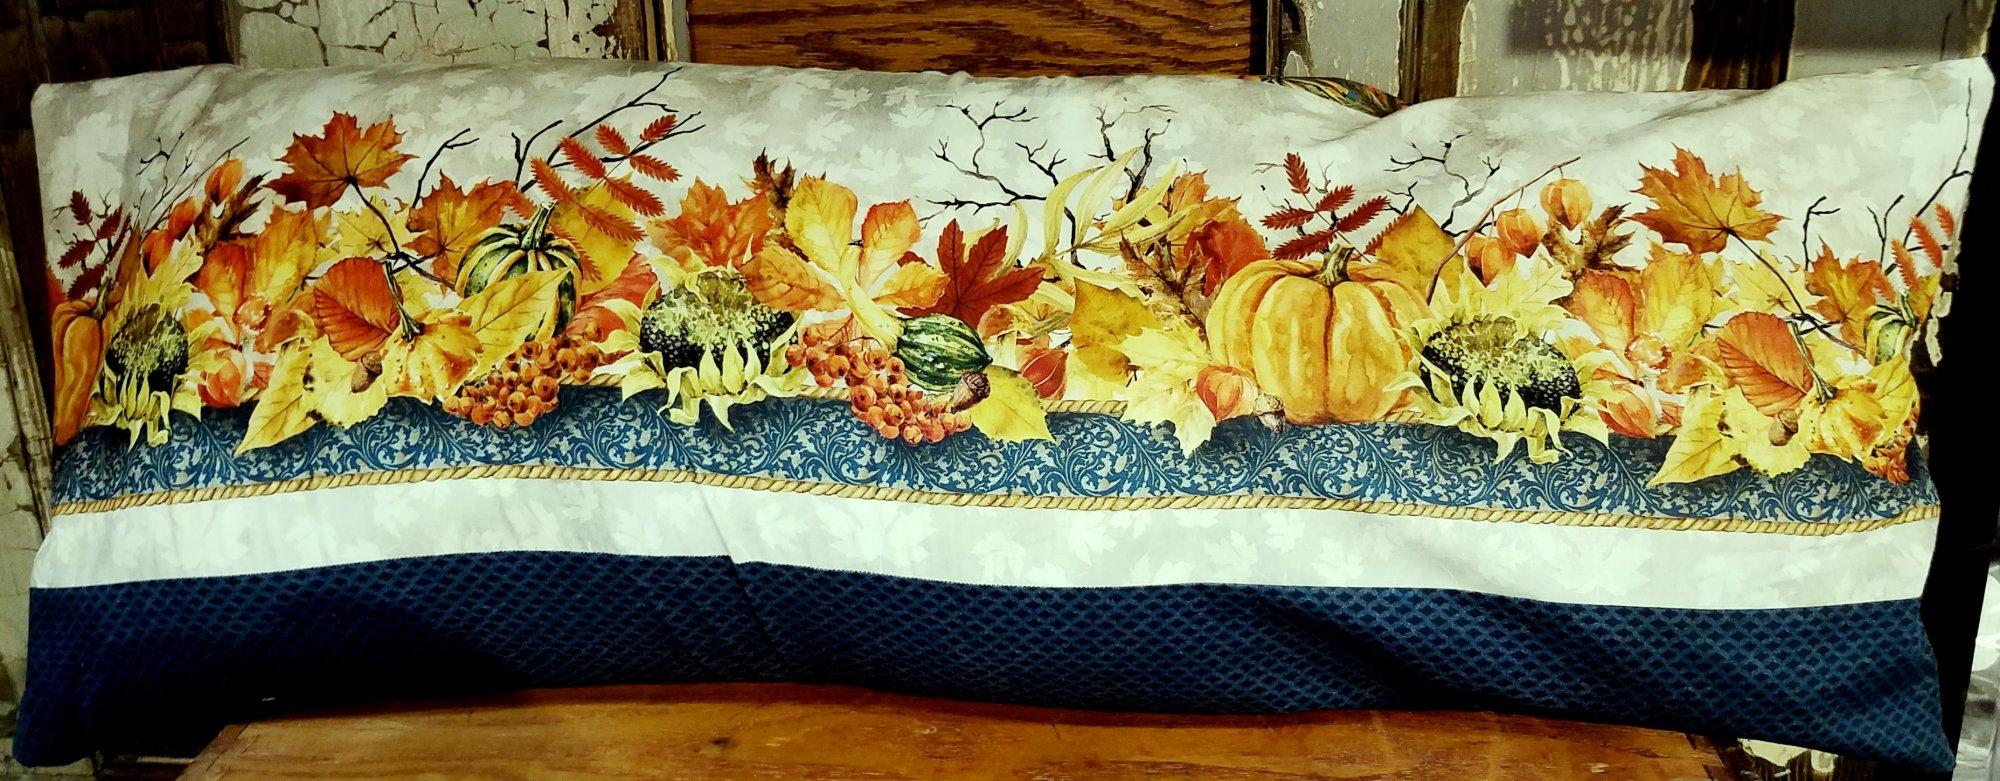 Autumn Border Bench Pillow Kit